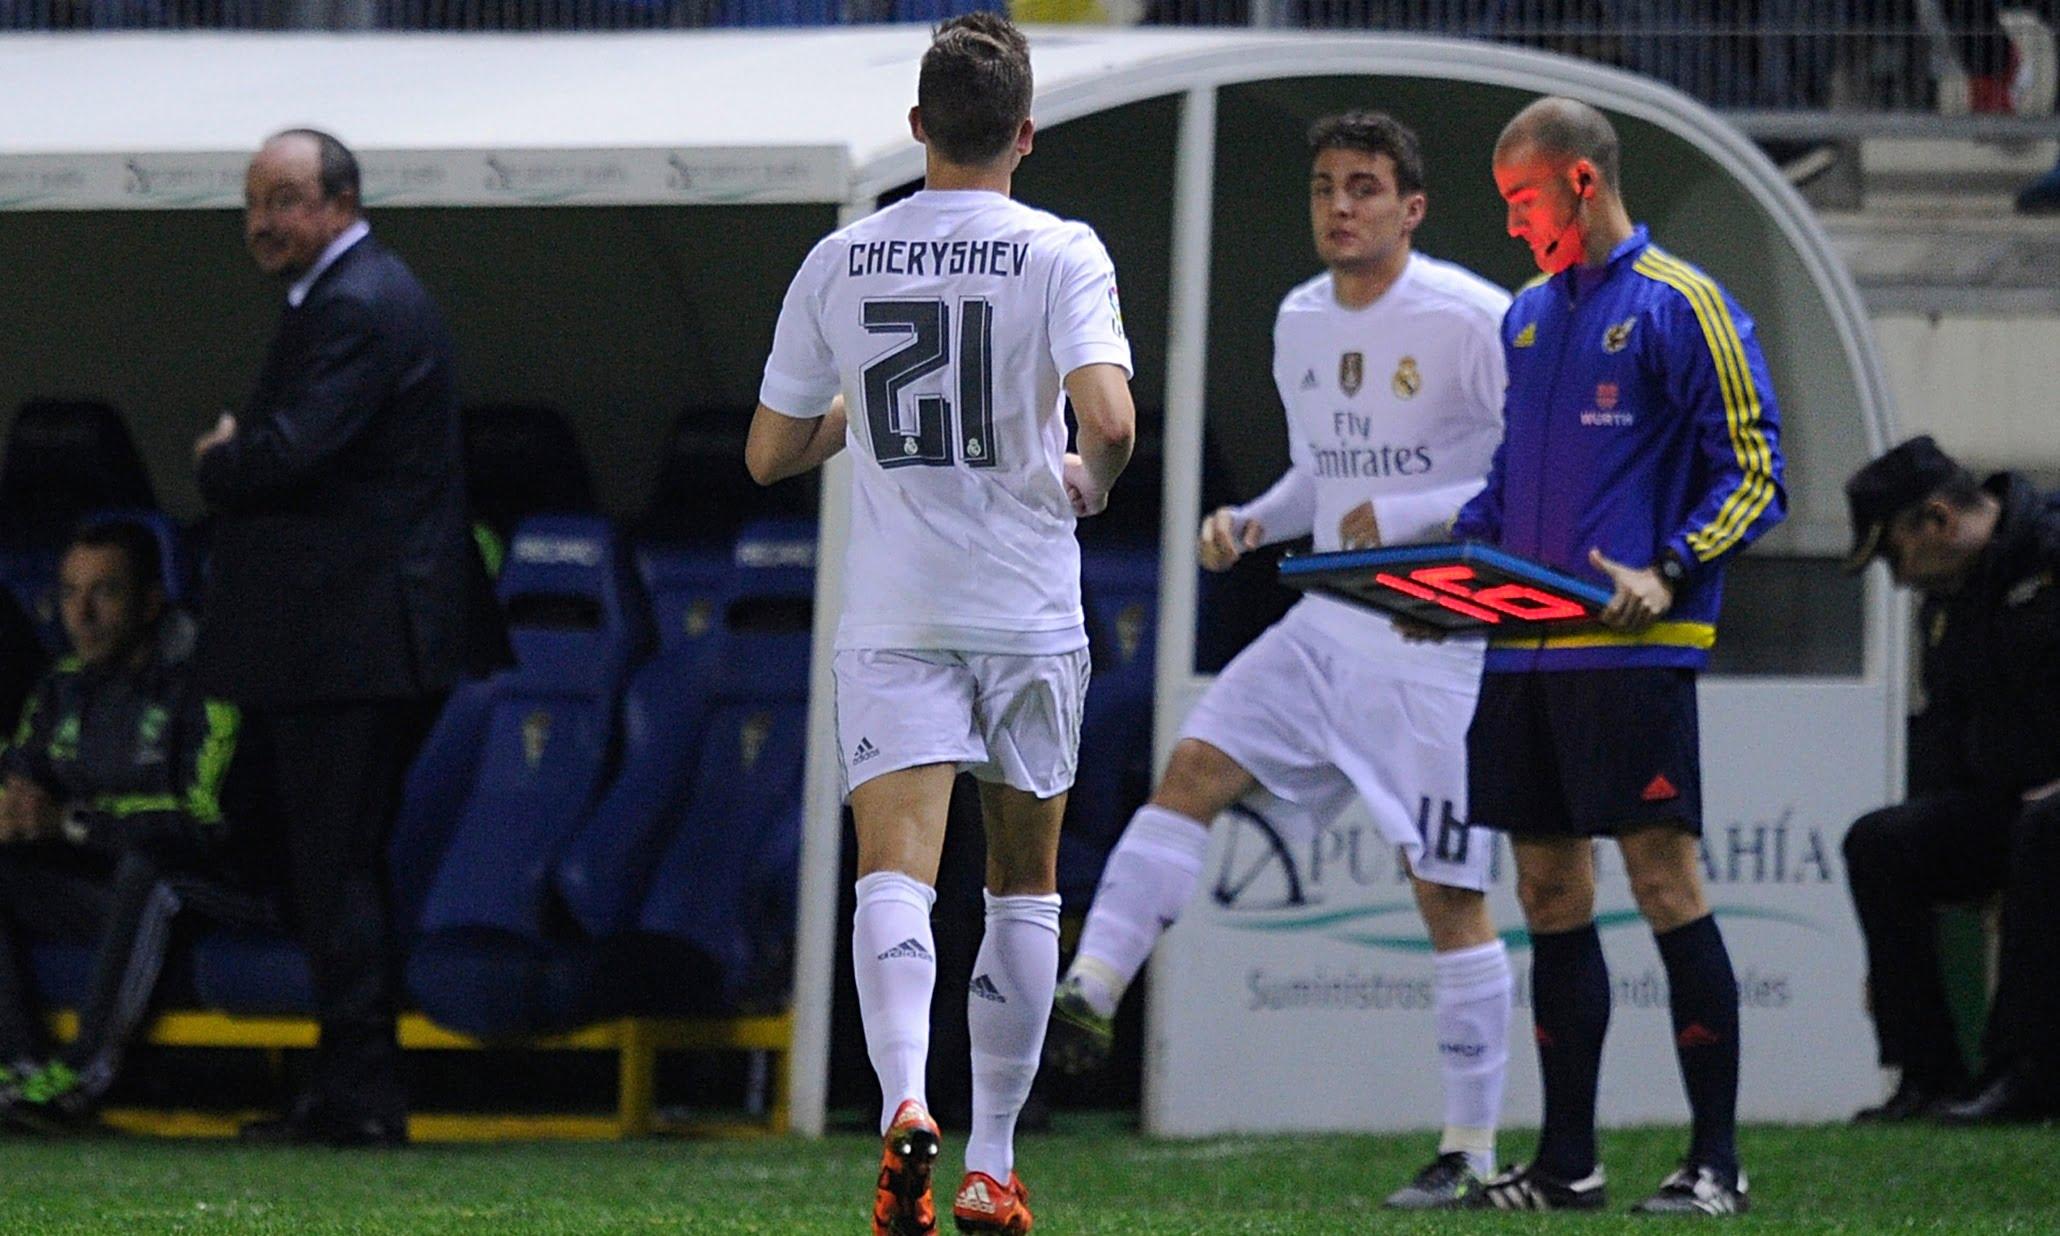 012 - مفاجأة .. فضيحة جديدة في خروج الريال من كأس اسبانيا !